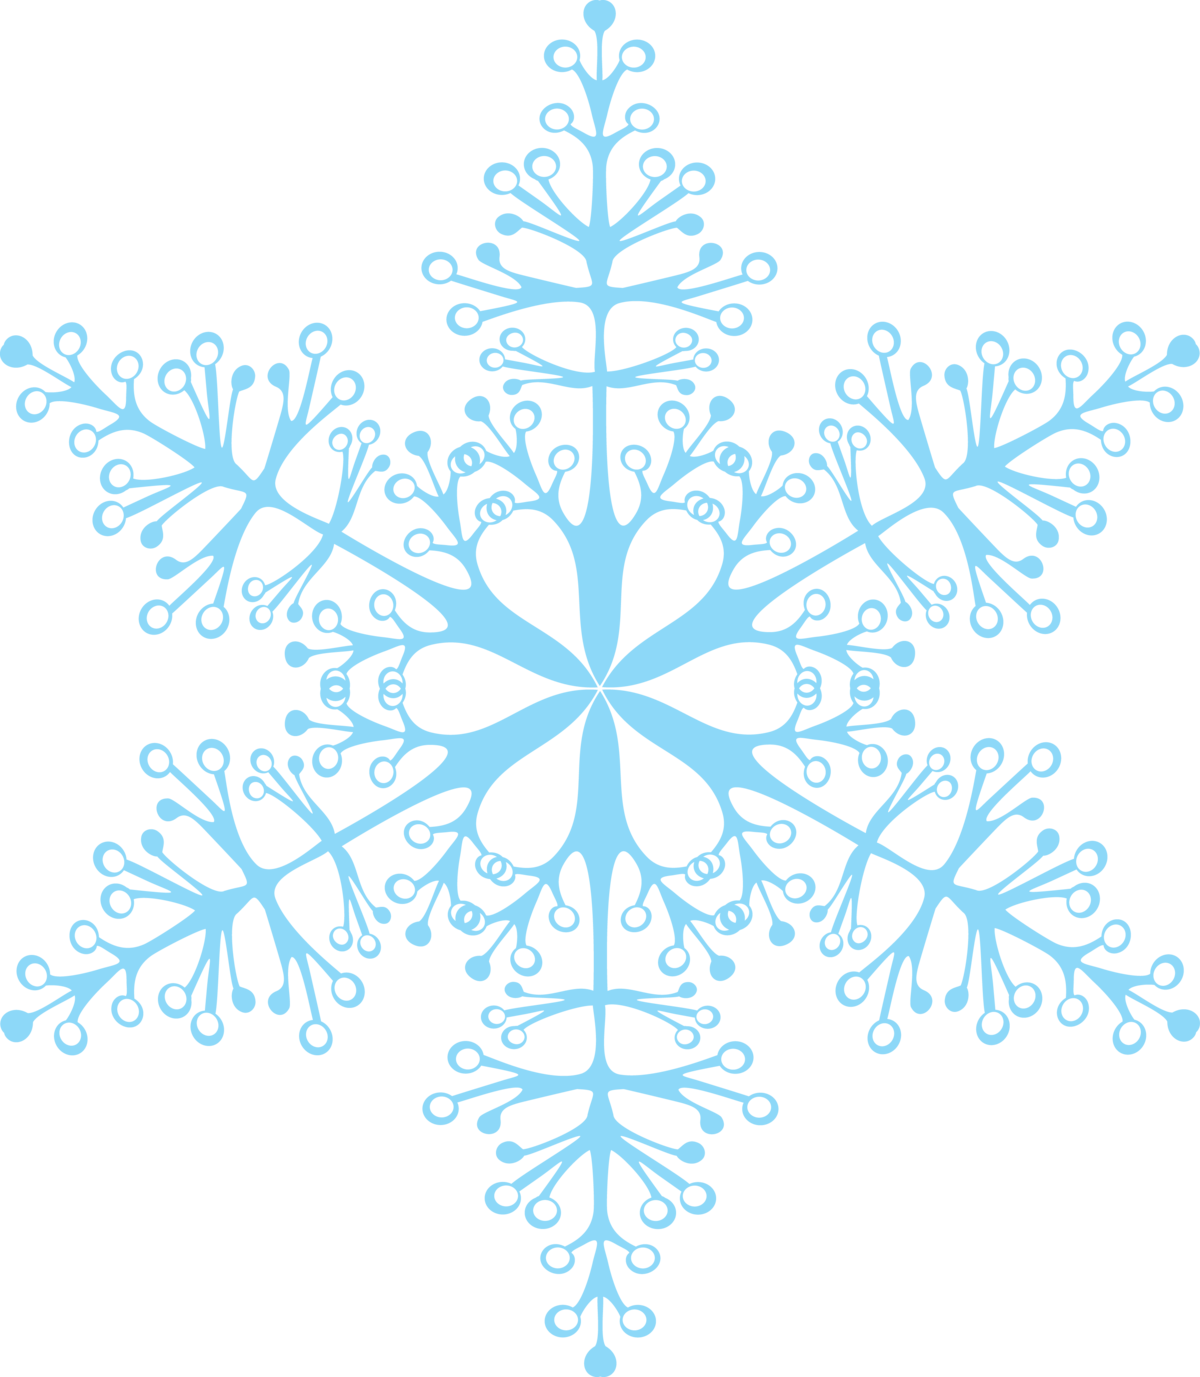 выпускаются картинки белых снежинок без фона это обои